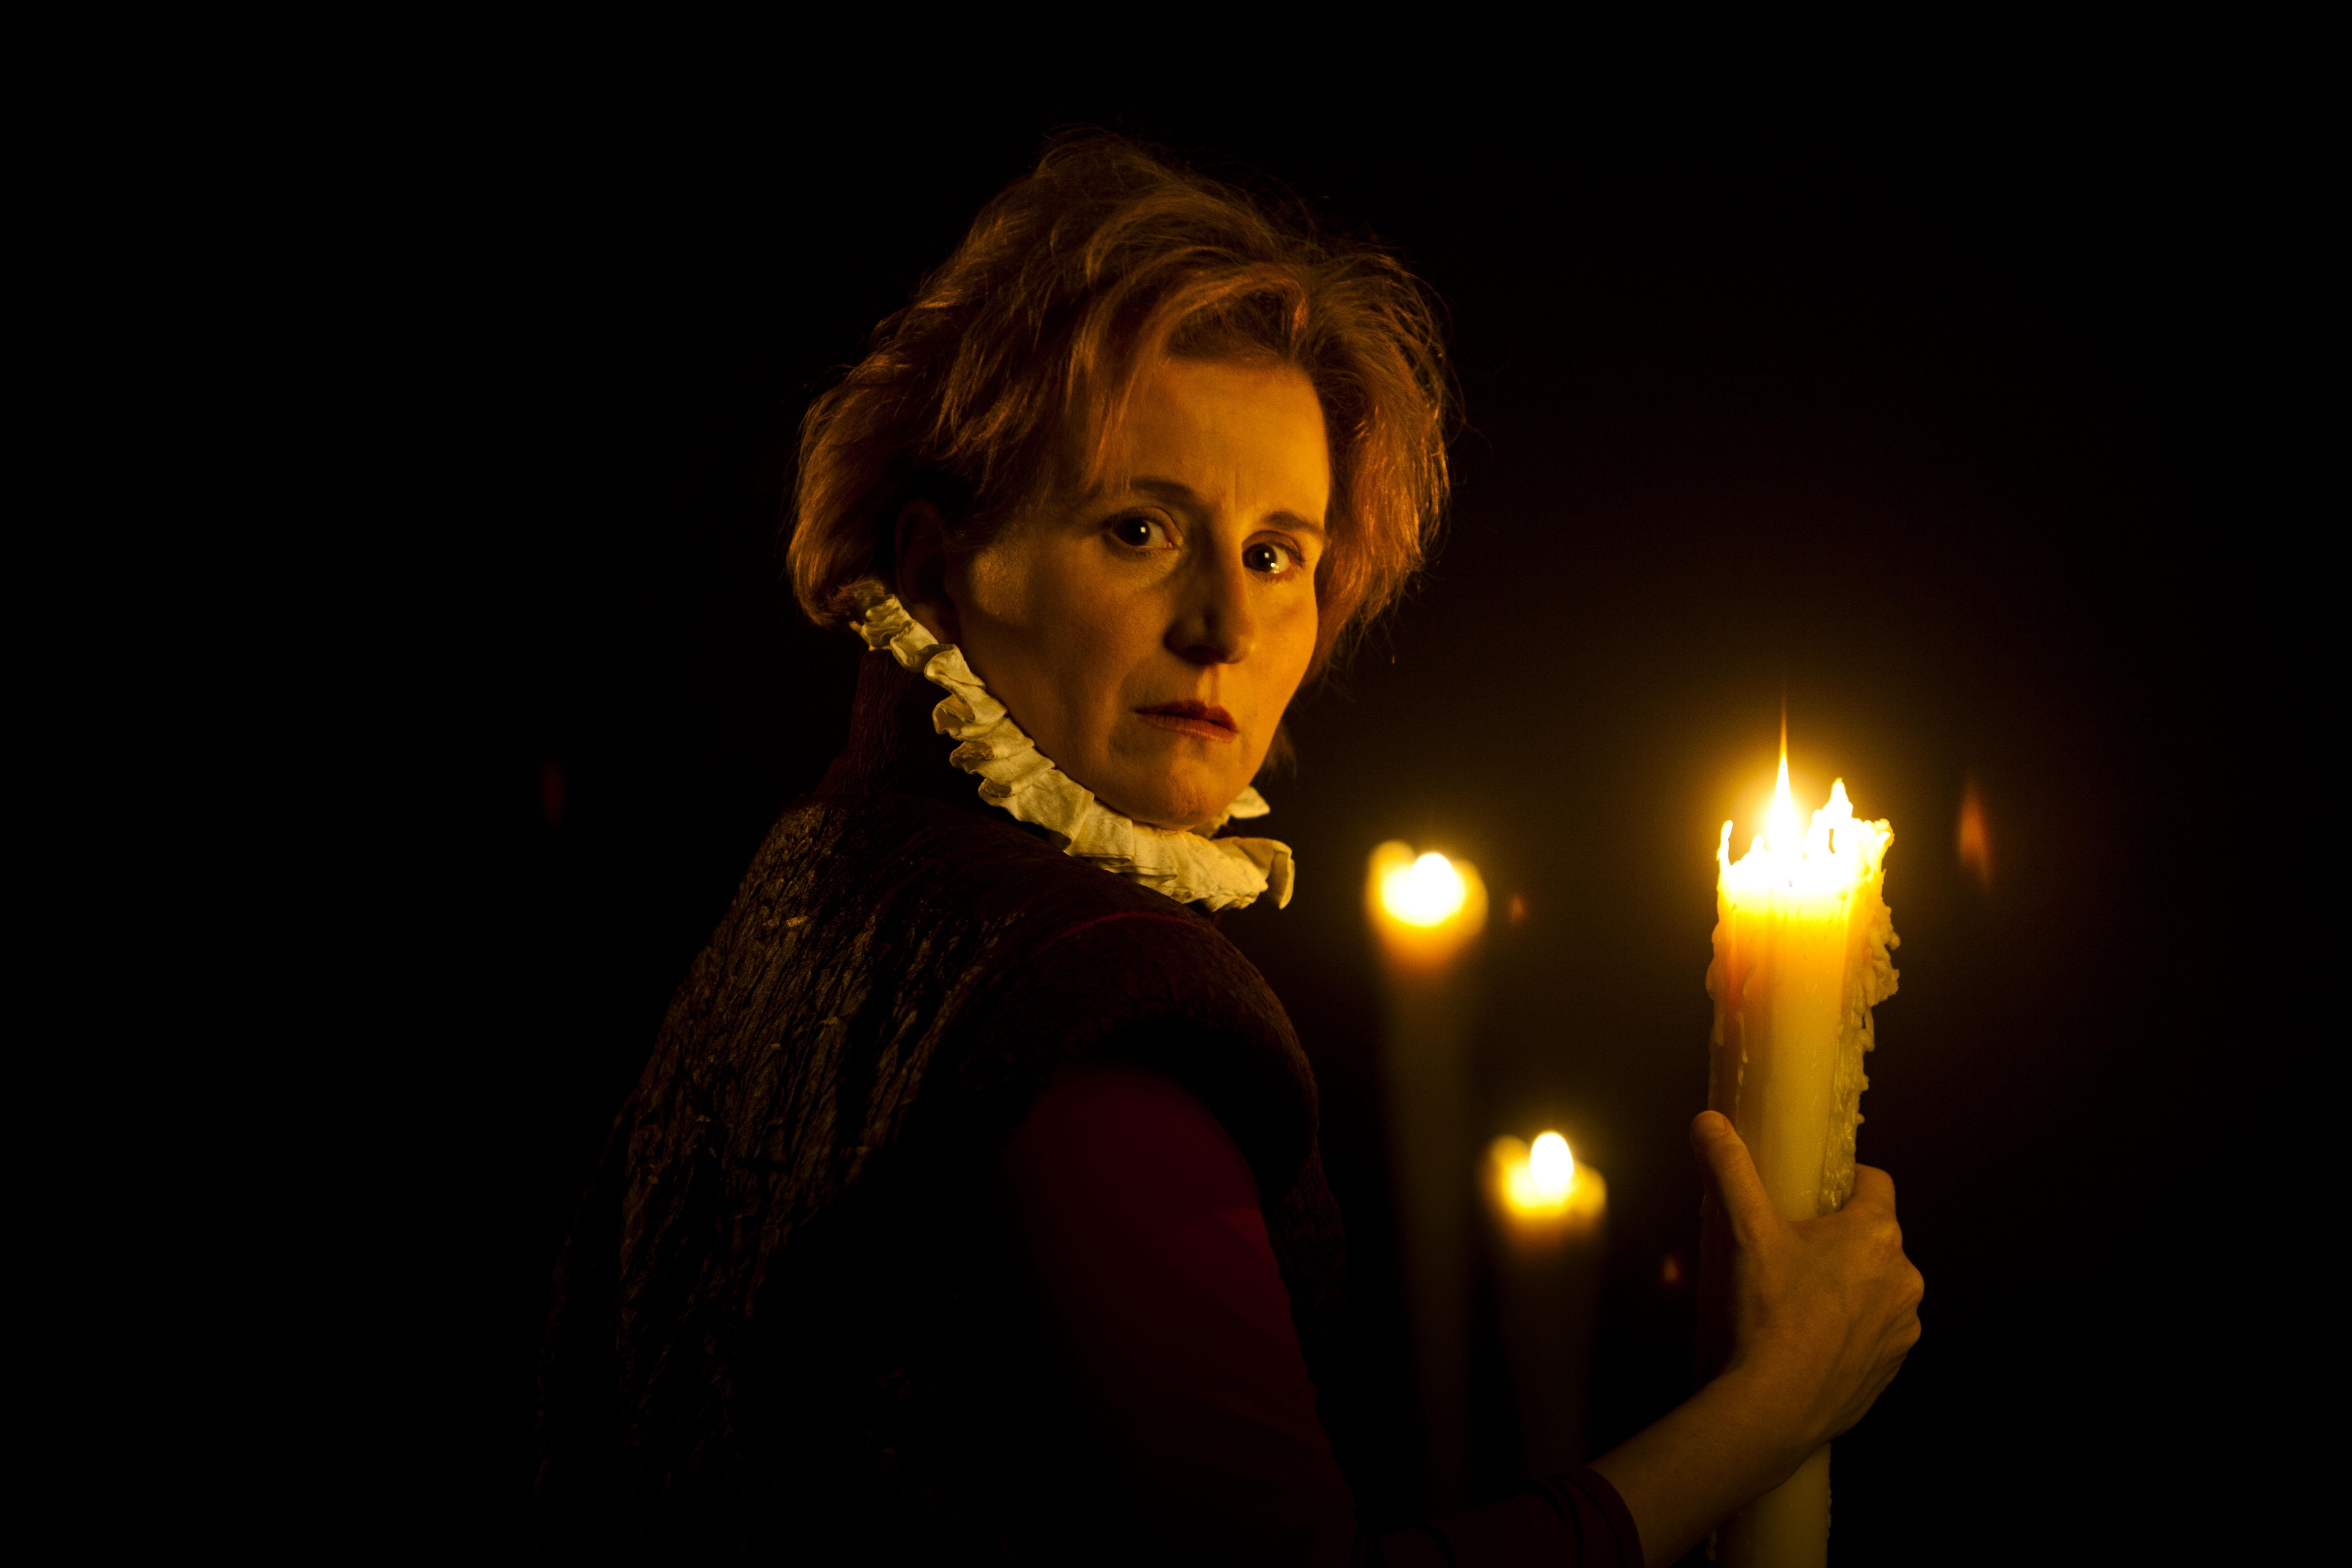 La actriz Mari Paz Sayago encarna a la reina Isabel la Católica este fin de semana en el Teatro Duque-La Imperdible, dentro del feSt. / El Correo